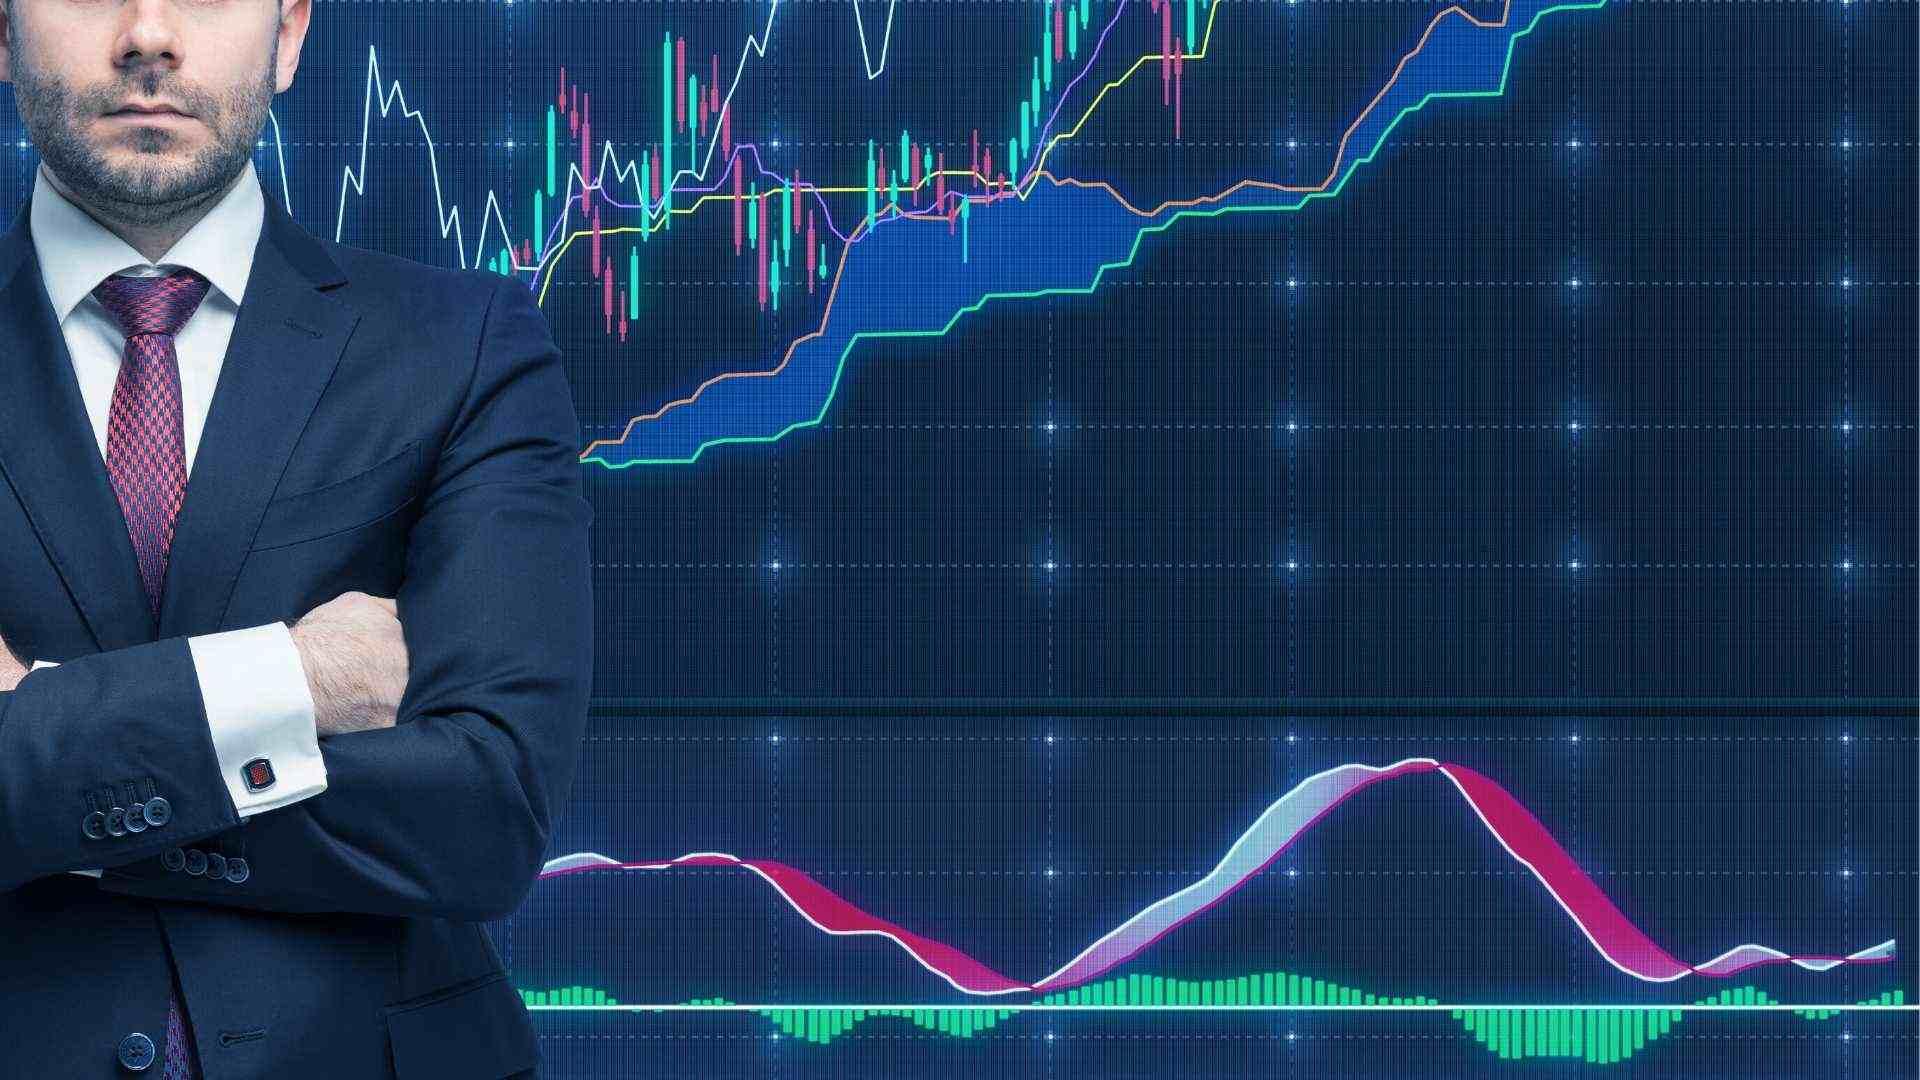 Mining di bitcoin per principianti: euro in 4 giorni, sogno o realtà?